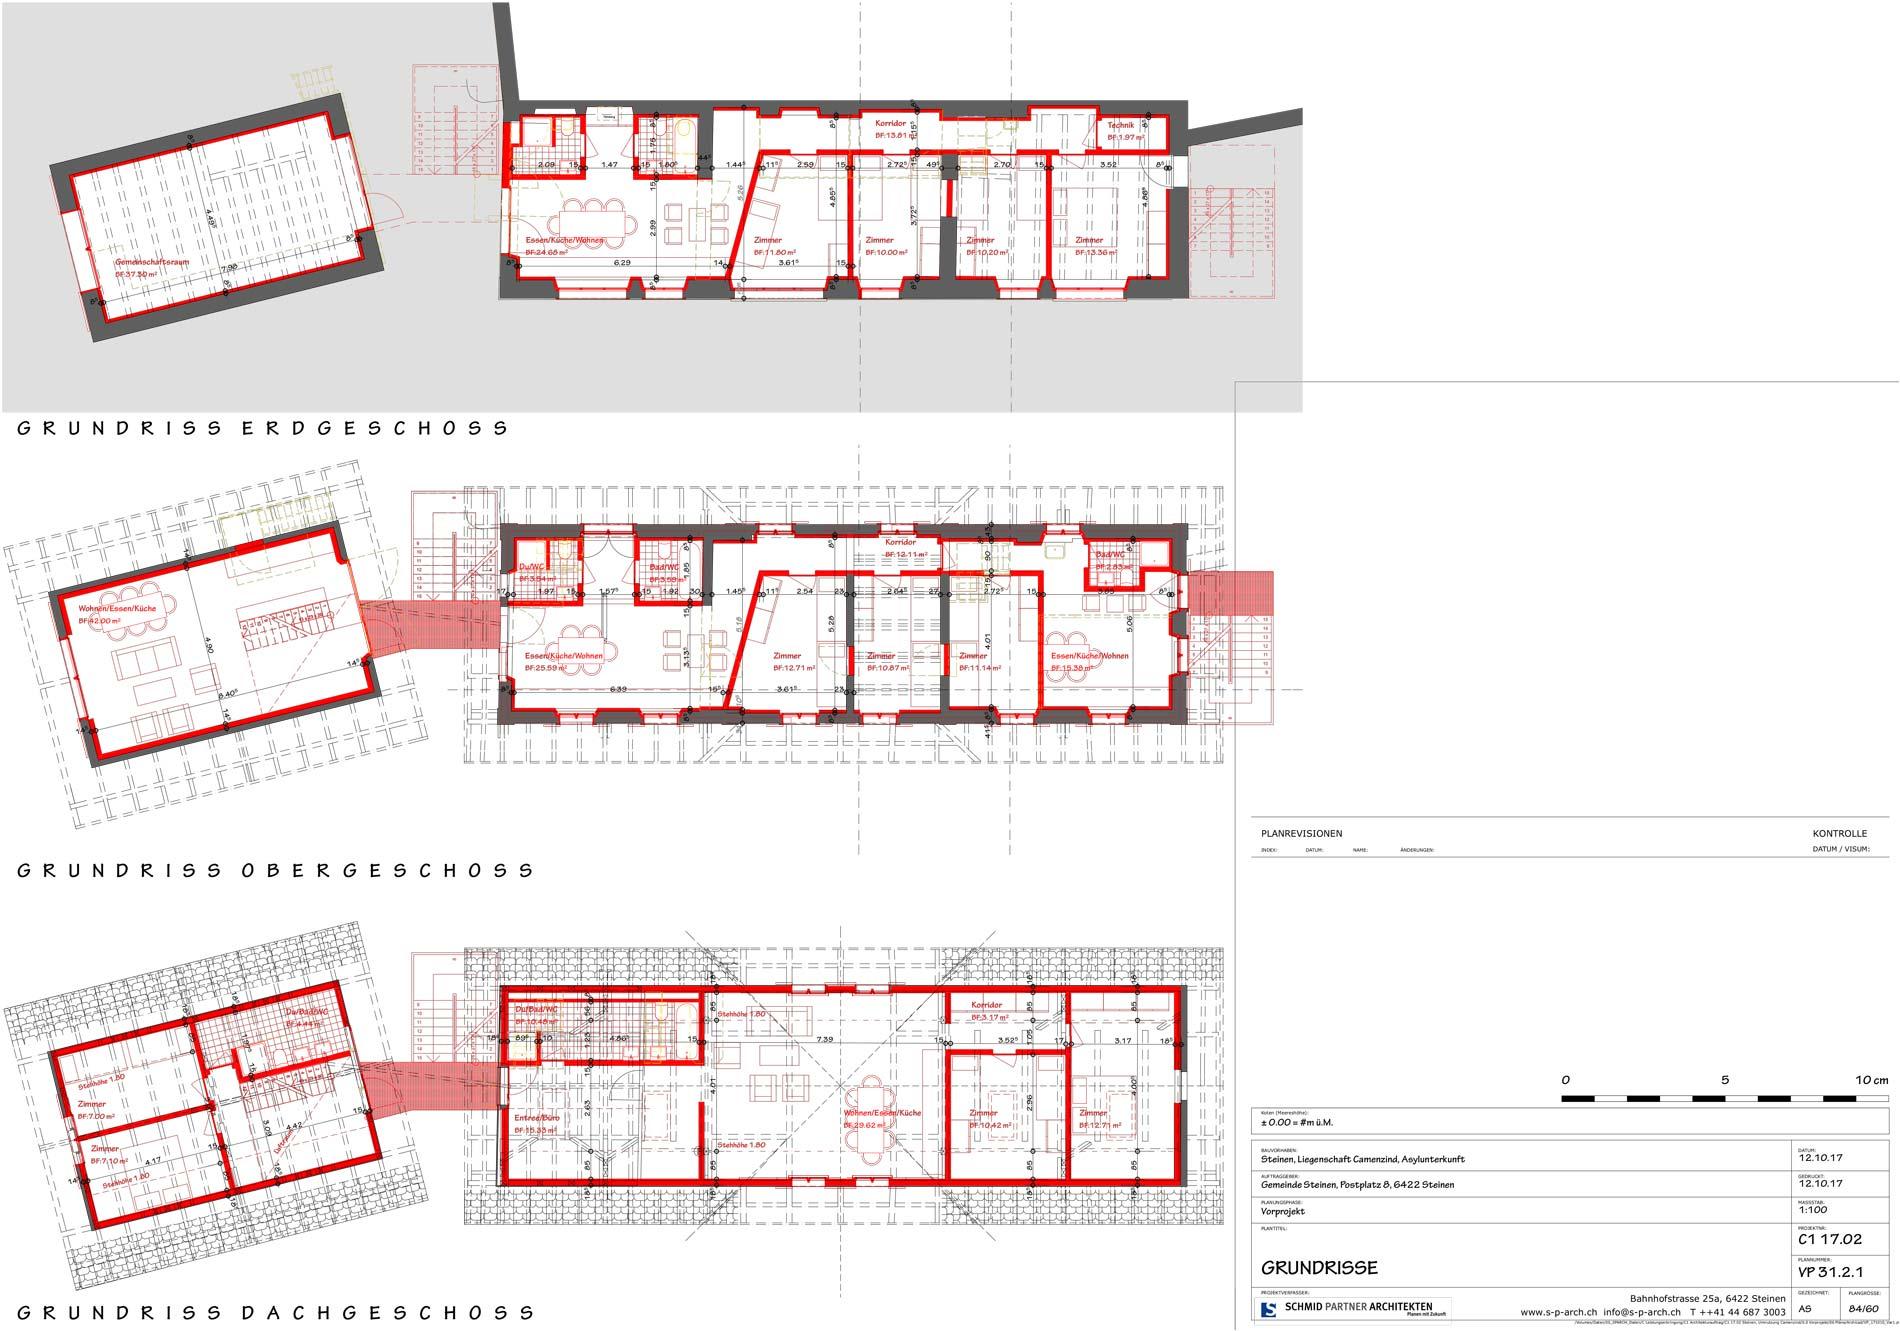 Schmid Partner Architekten Bauerneuerung VP 31.2.1 GRUNDRISSE